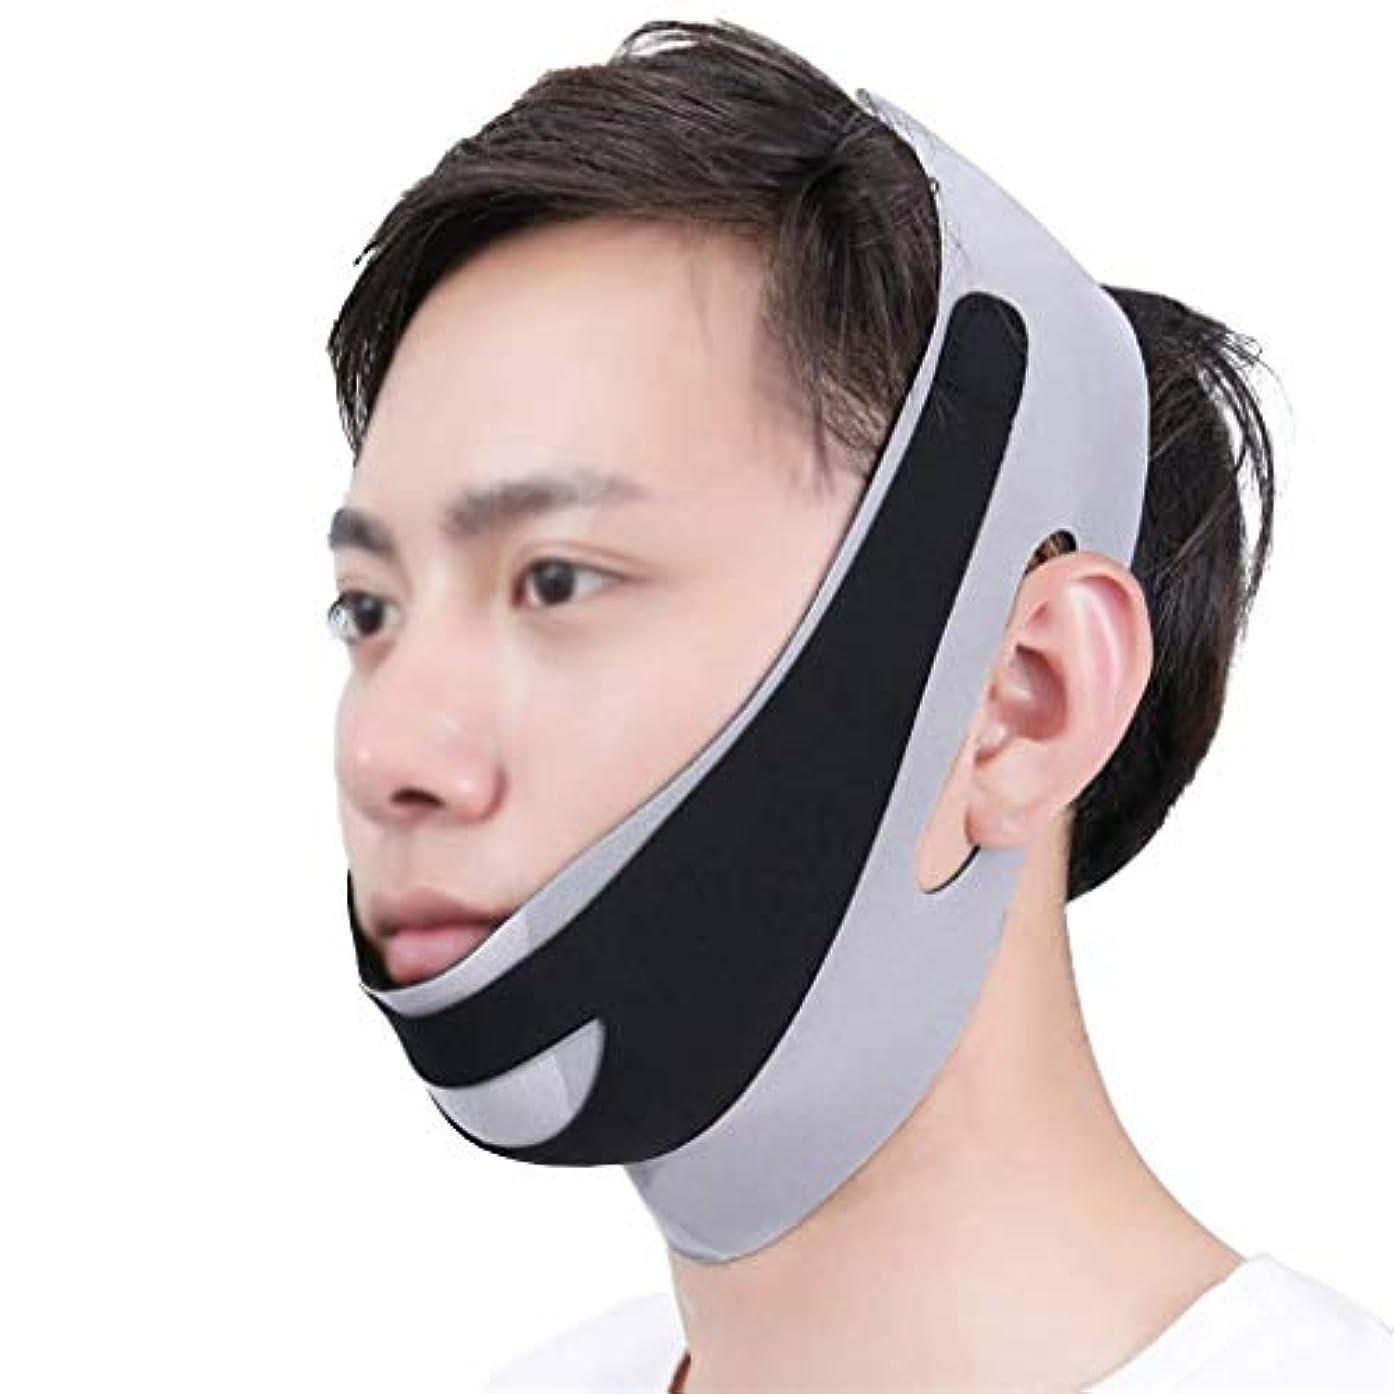 ボットグレー水曜日顔と首のリフト術後の弾性フェイスマスク小さなV顔アーティファクト薄い顔包帯アーティファクトV顔ぶら下げ耳リフティング引き締め男性の顔アーティファクト